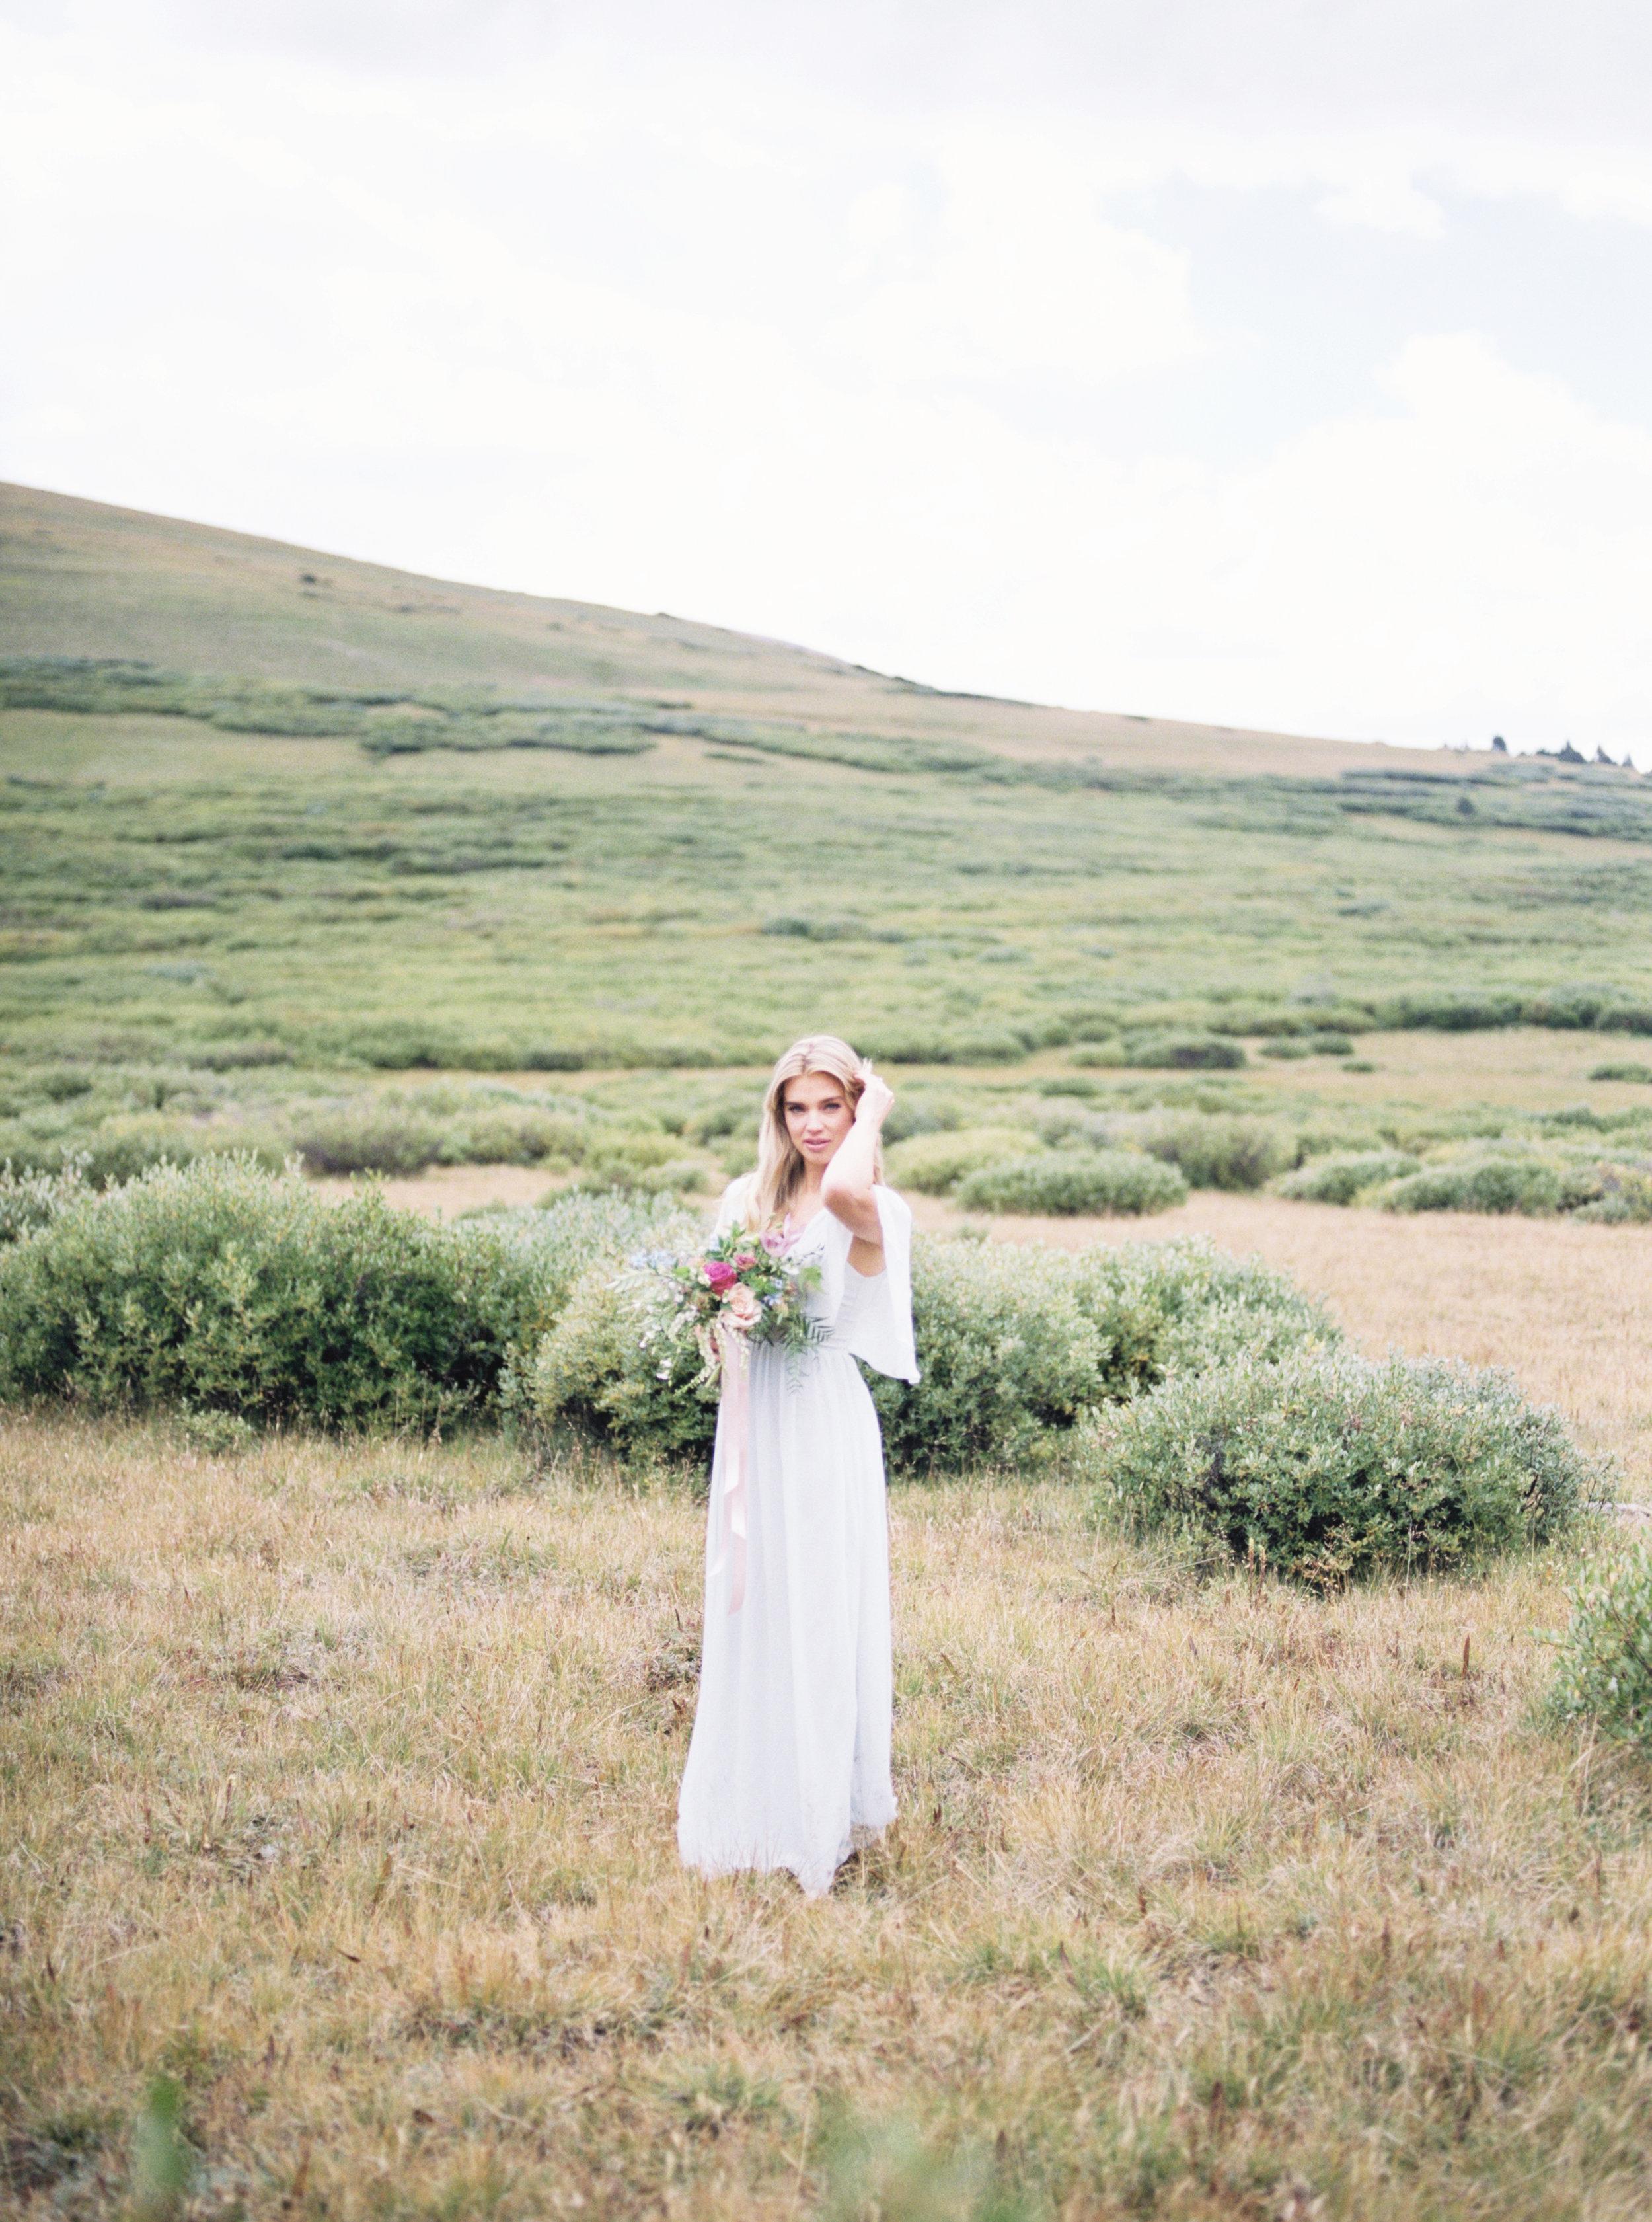 TBP_Lindsey_Trey_Engagement_046.jpg